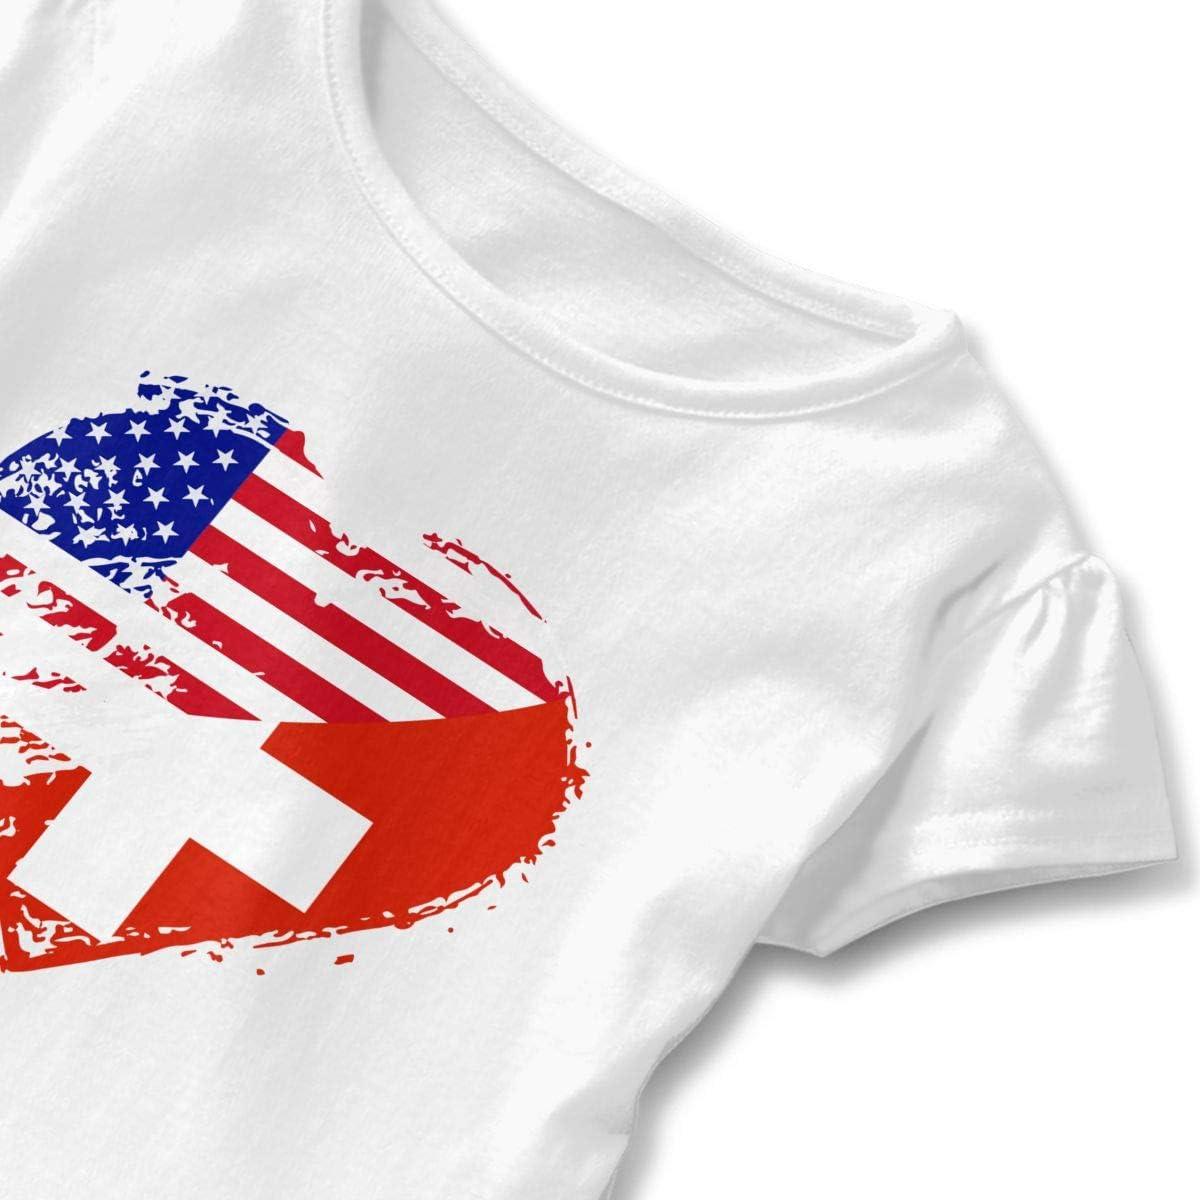 26NSHIRT Switzerland American Heart Flag Girls Short Sleeve Graphic Tee